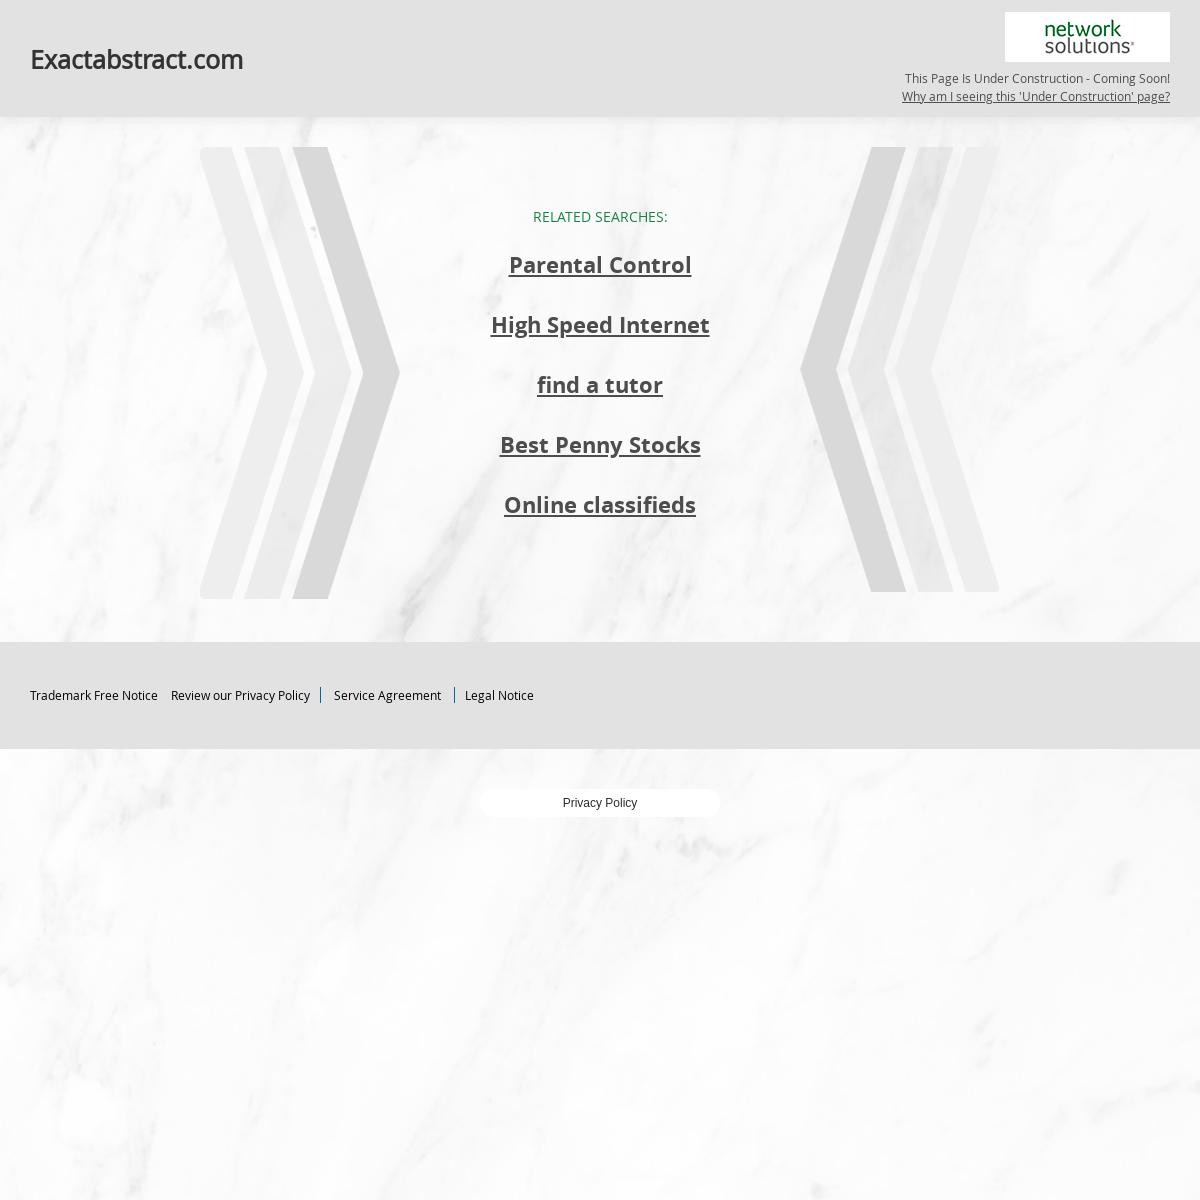 Exactabstract.com